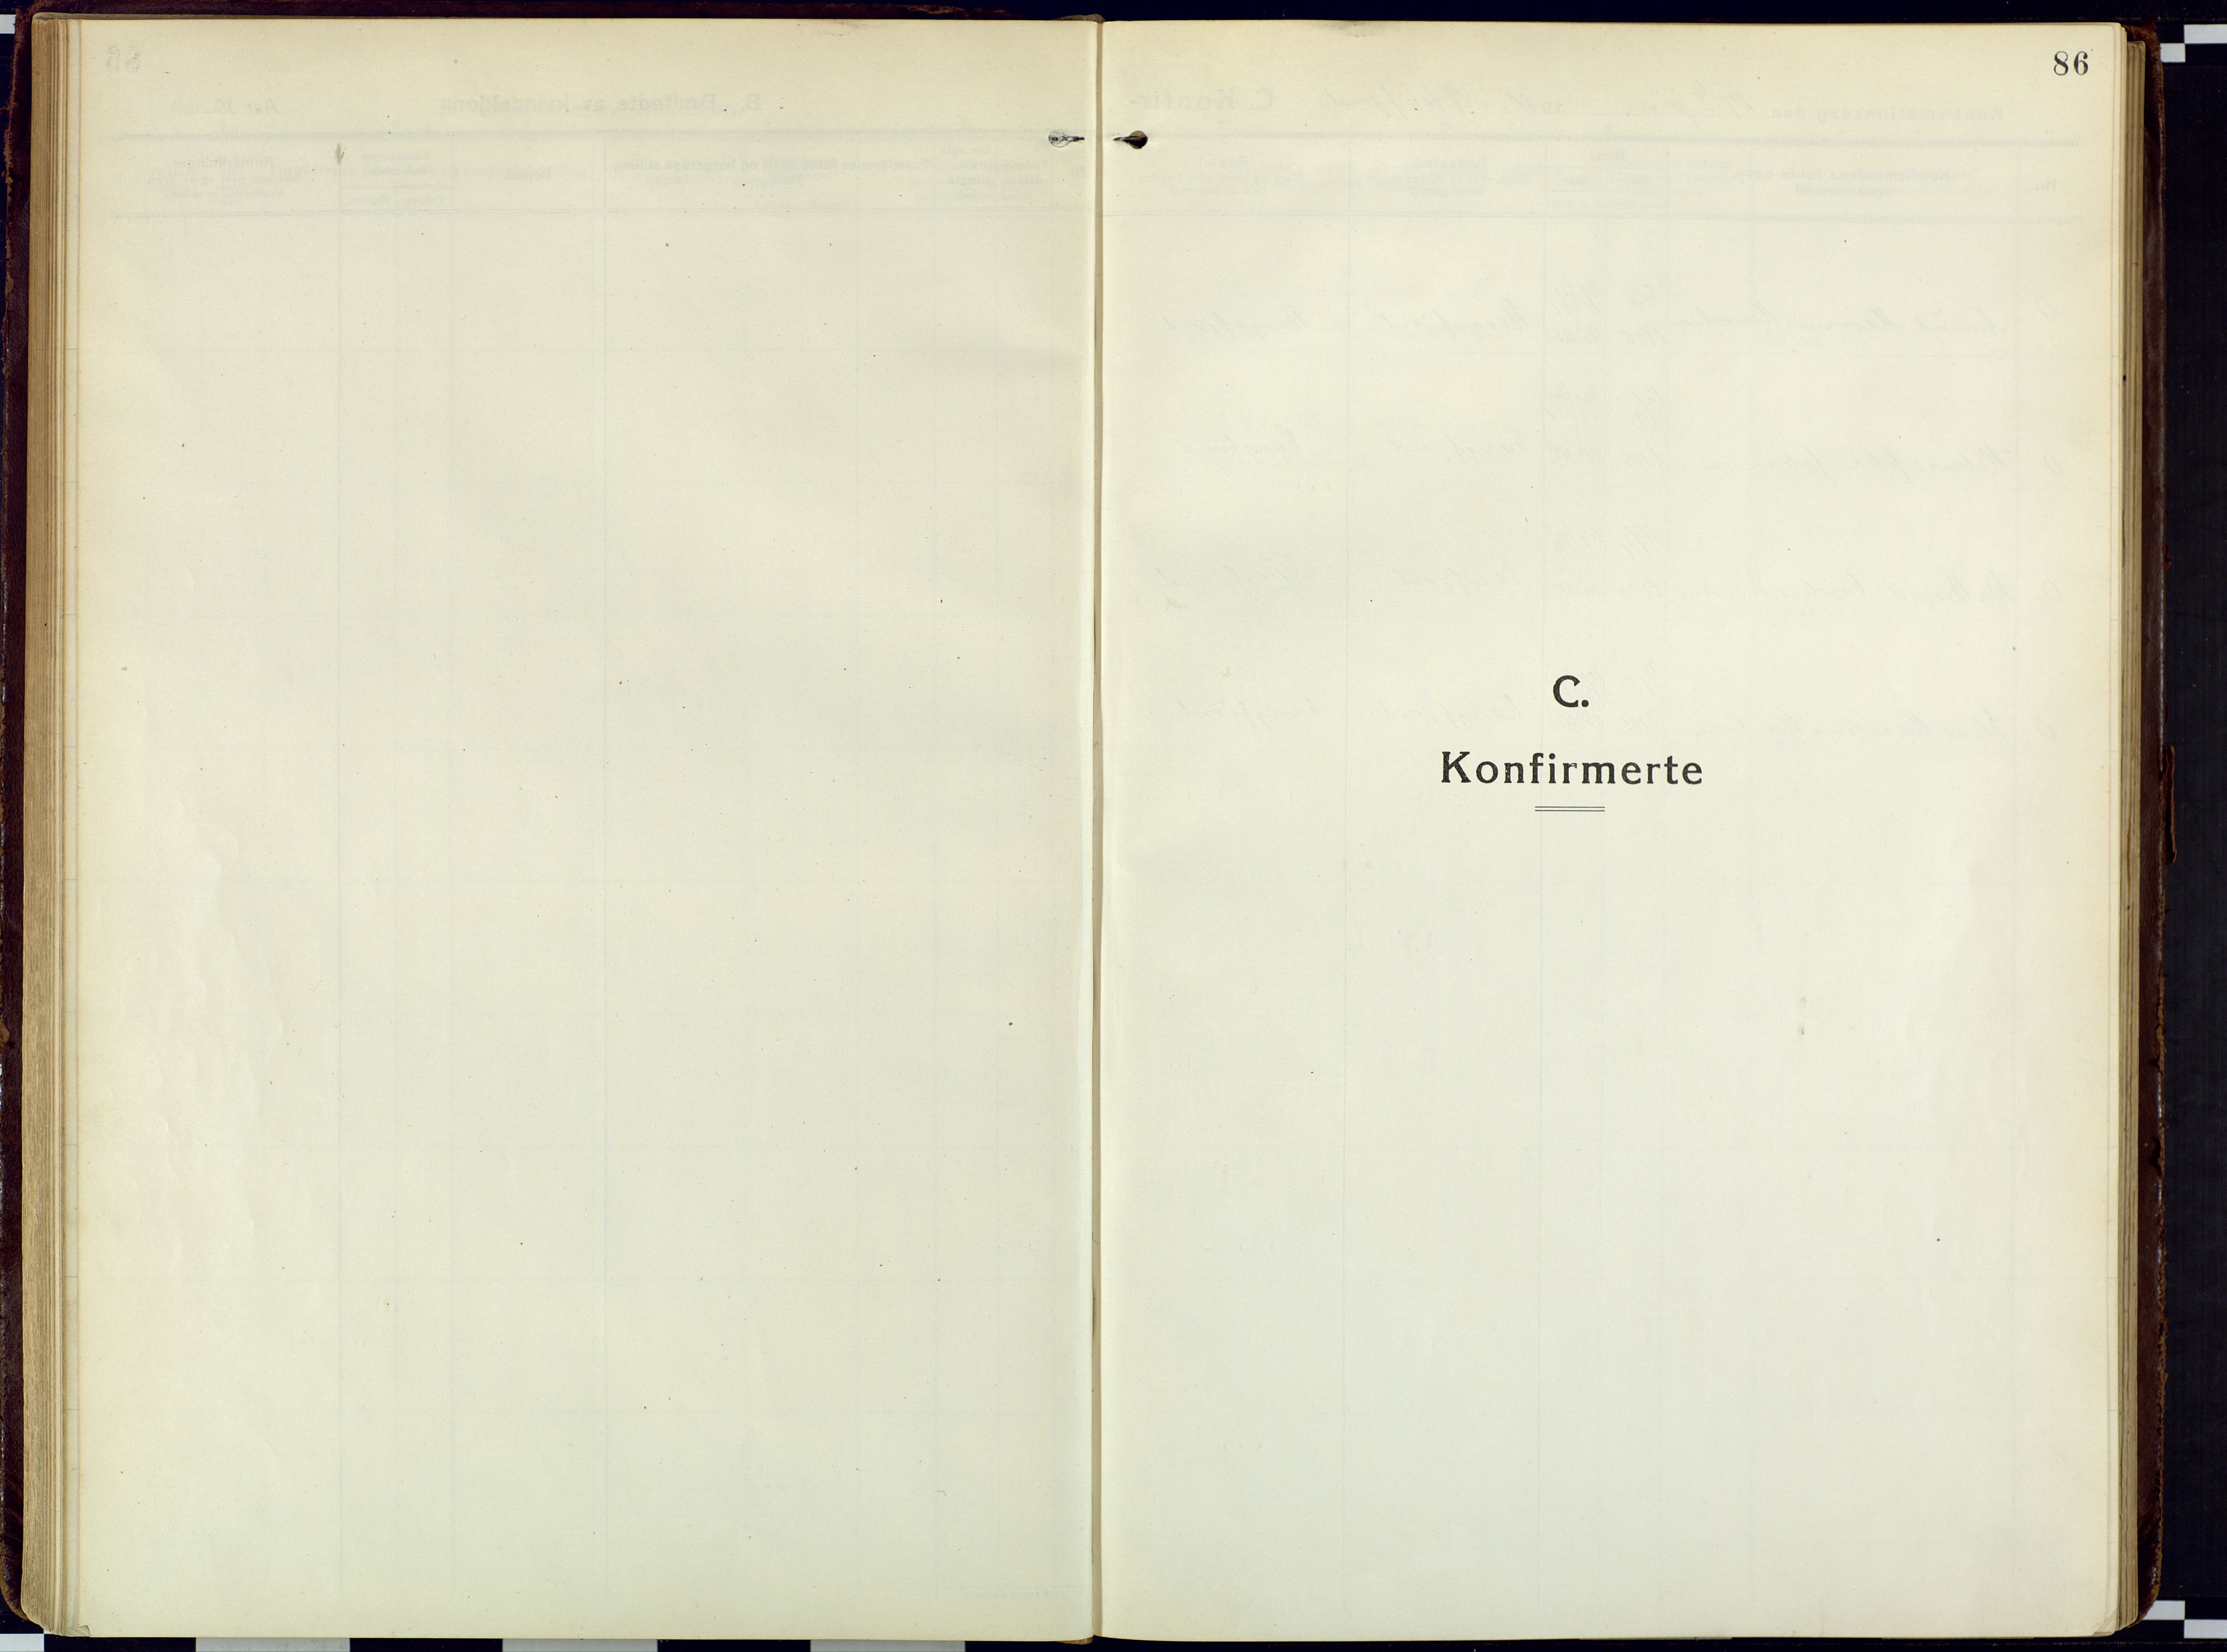 SATØ, Loppa sokneprestkontor, H/Ha/L0013kirke: Ministerialbok nr. 13, 1920-1932, s. 86